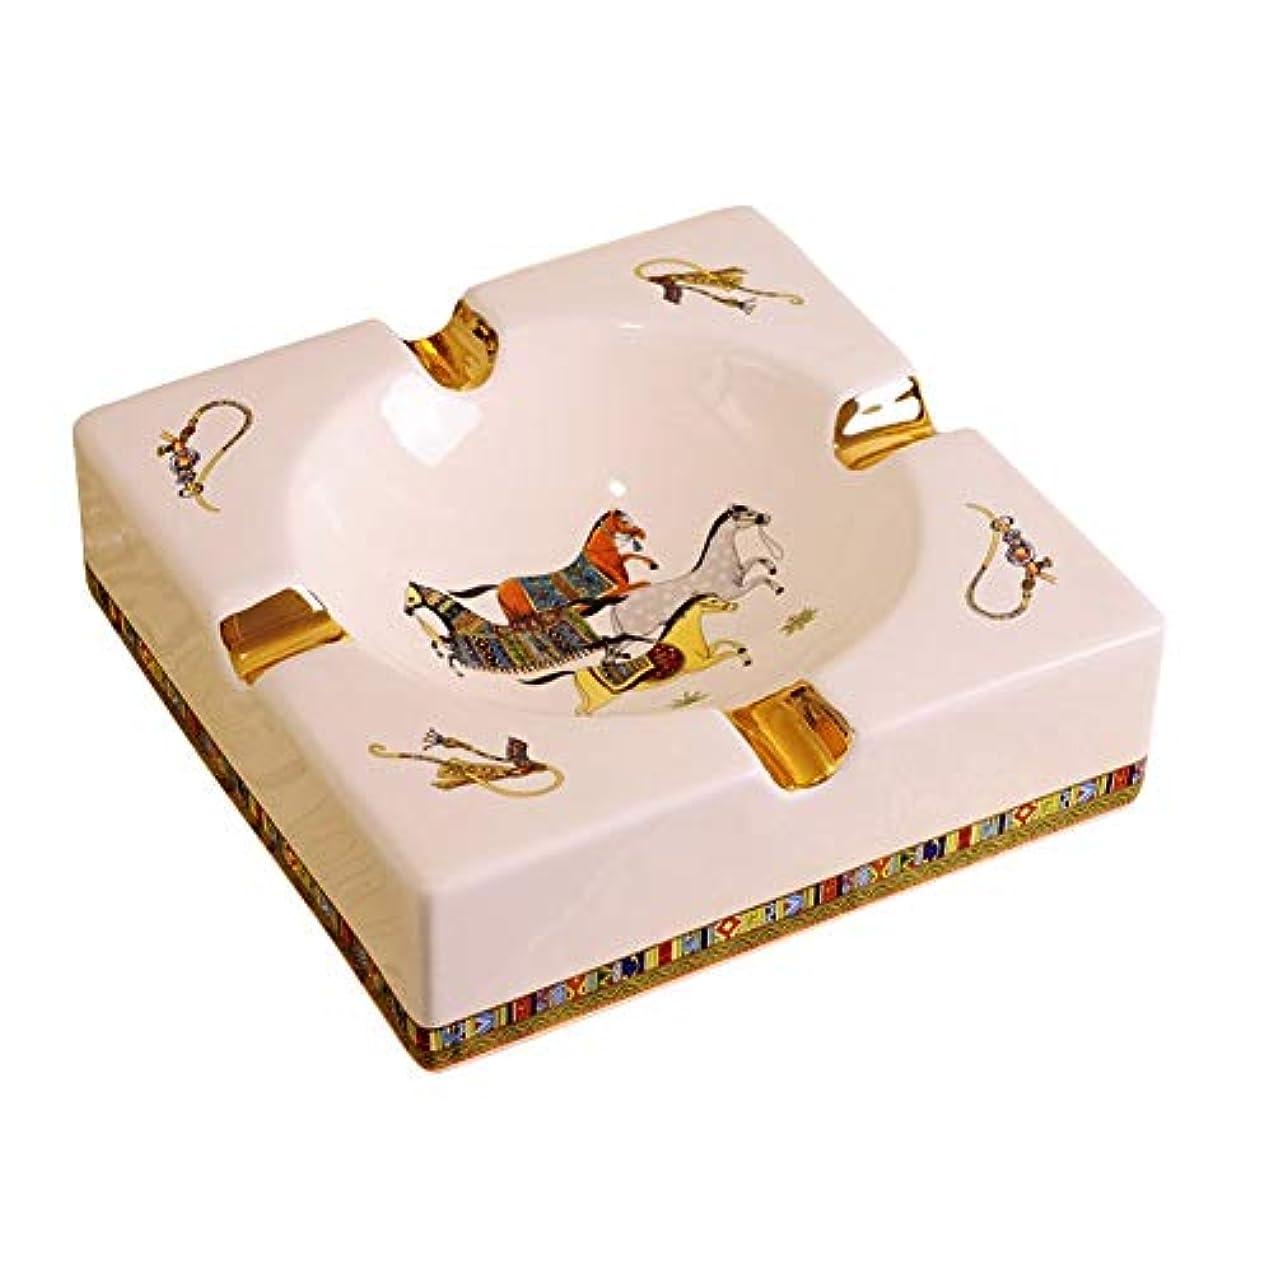 芸術アコーみなす4溝馬のパターンデスクトップで豪華ヨーロッパスタイルの葉巻灰皿屋内屋外のエレガントなホームデコレーション用の灰皿喫煙